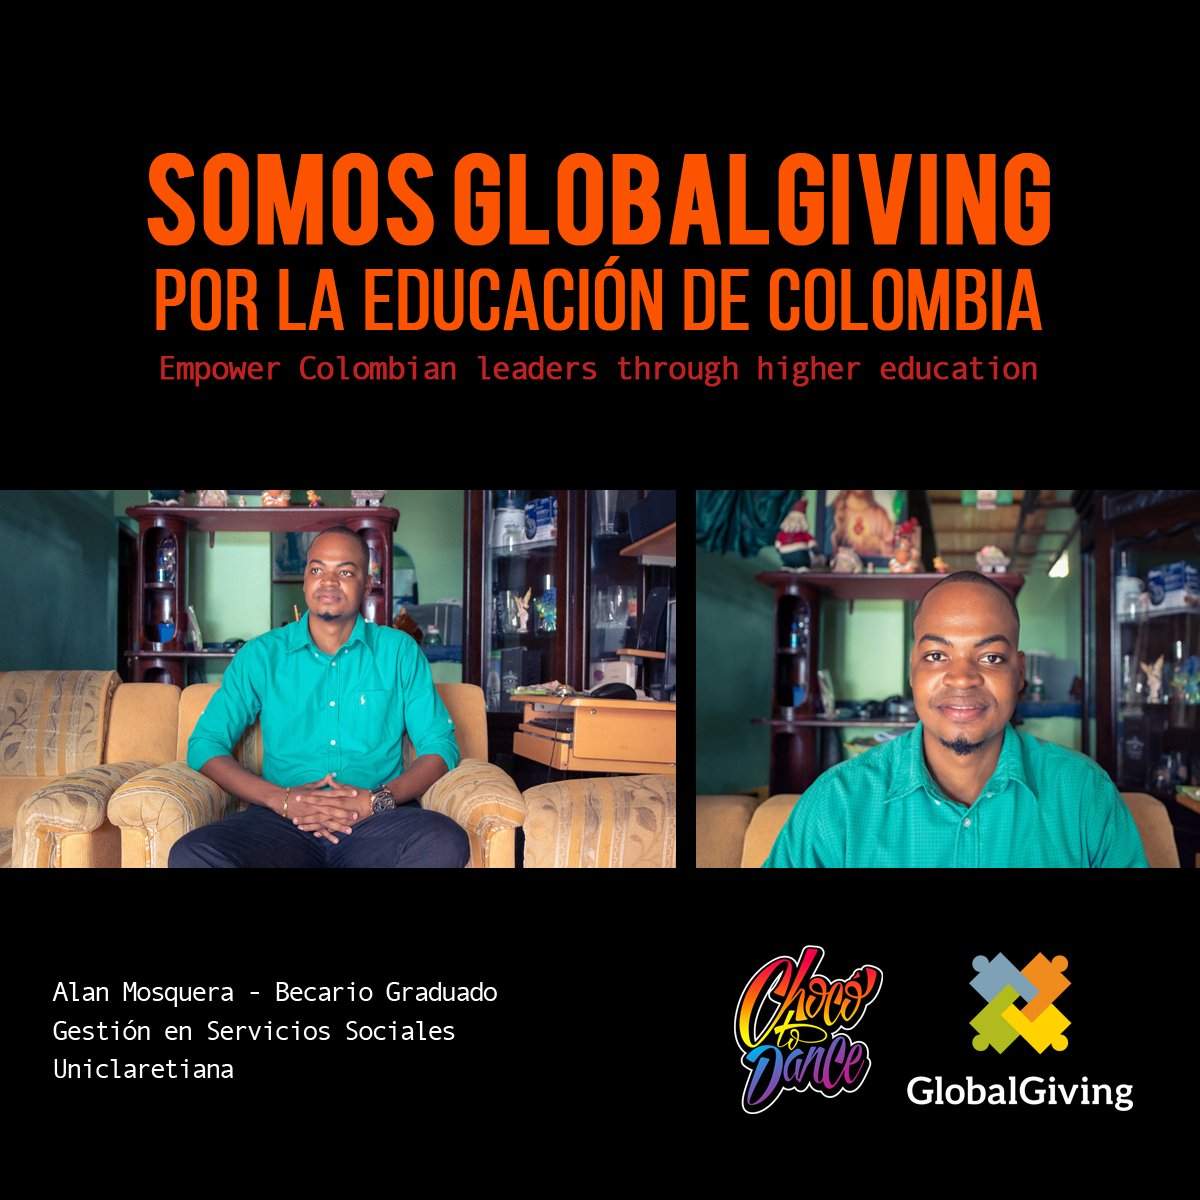 test Twitter Media - Recuerda que estamos en @GlobalGiving apostándole a la educación de #Colombia, porque queremos brindarles a nuestros jóvenes #estudiantes la oportunidad de continuar sus estudios superiores. https://t.co/Lddr2P8HkJ https://t.co/npZnBKuvqI